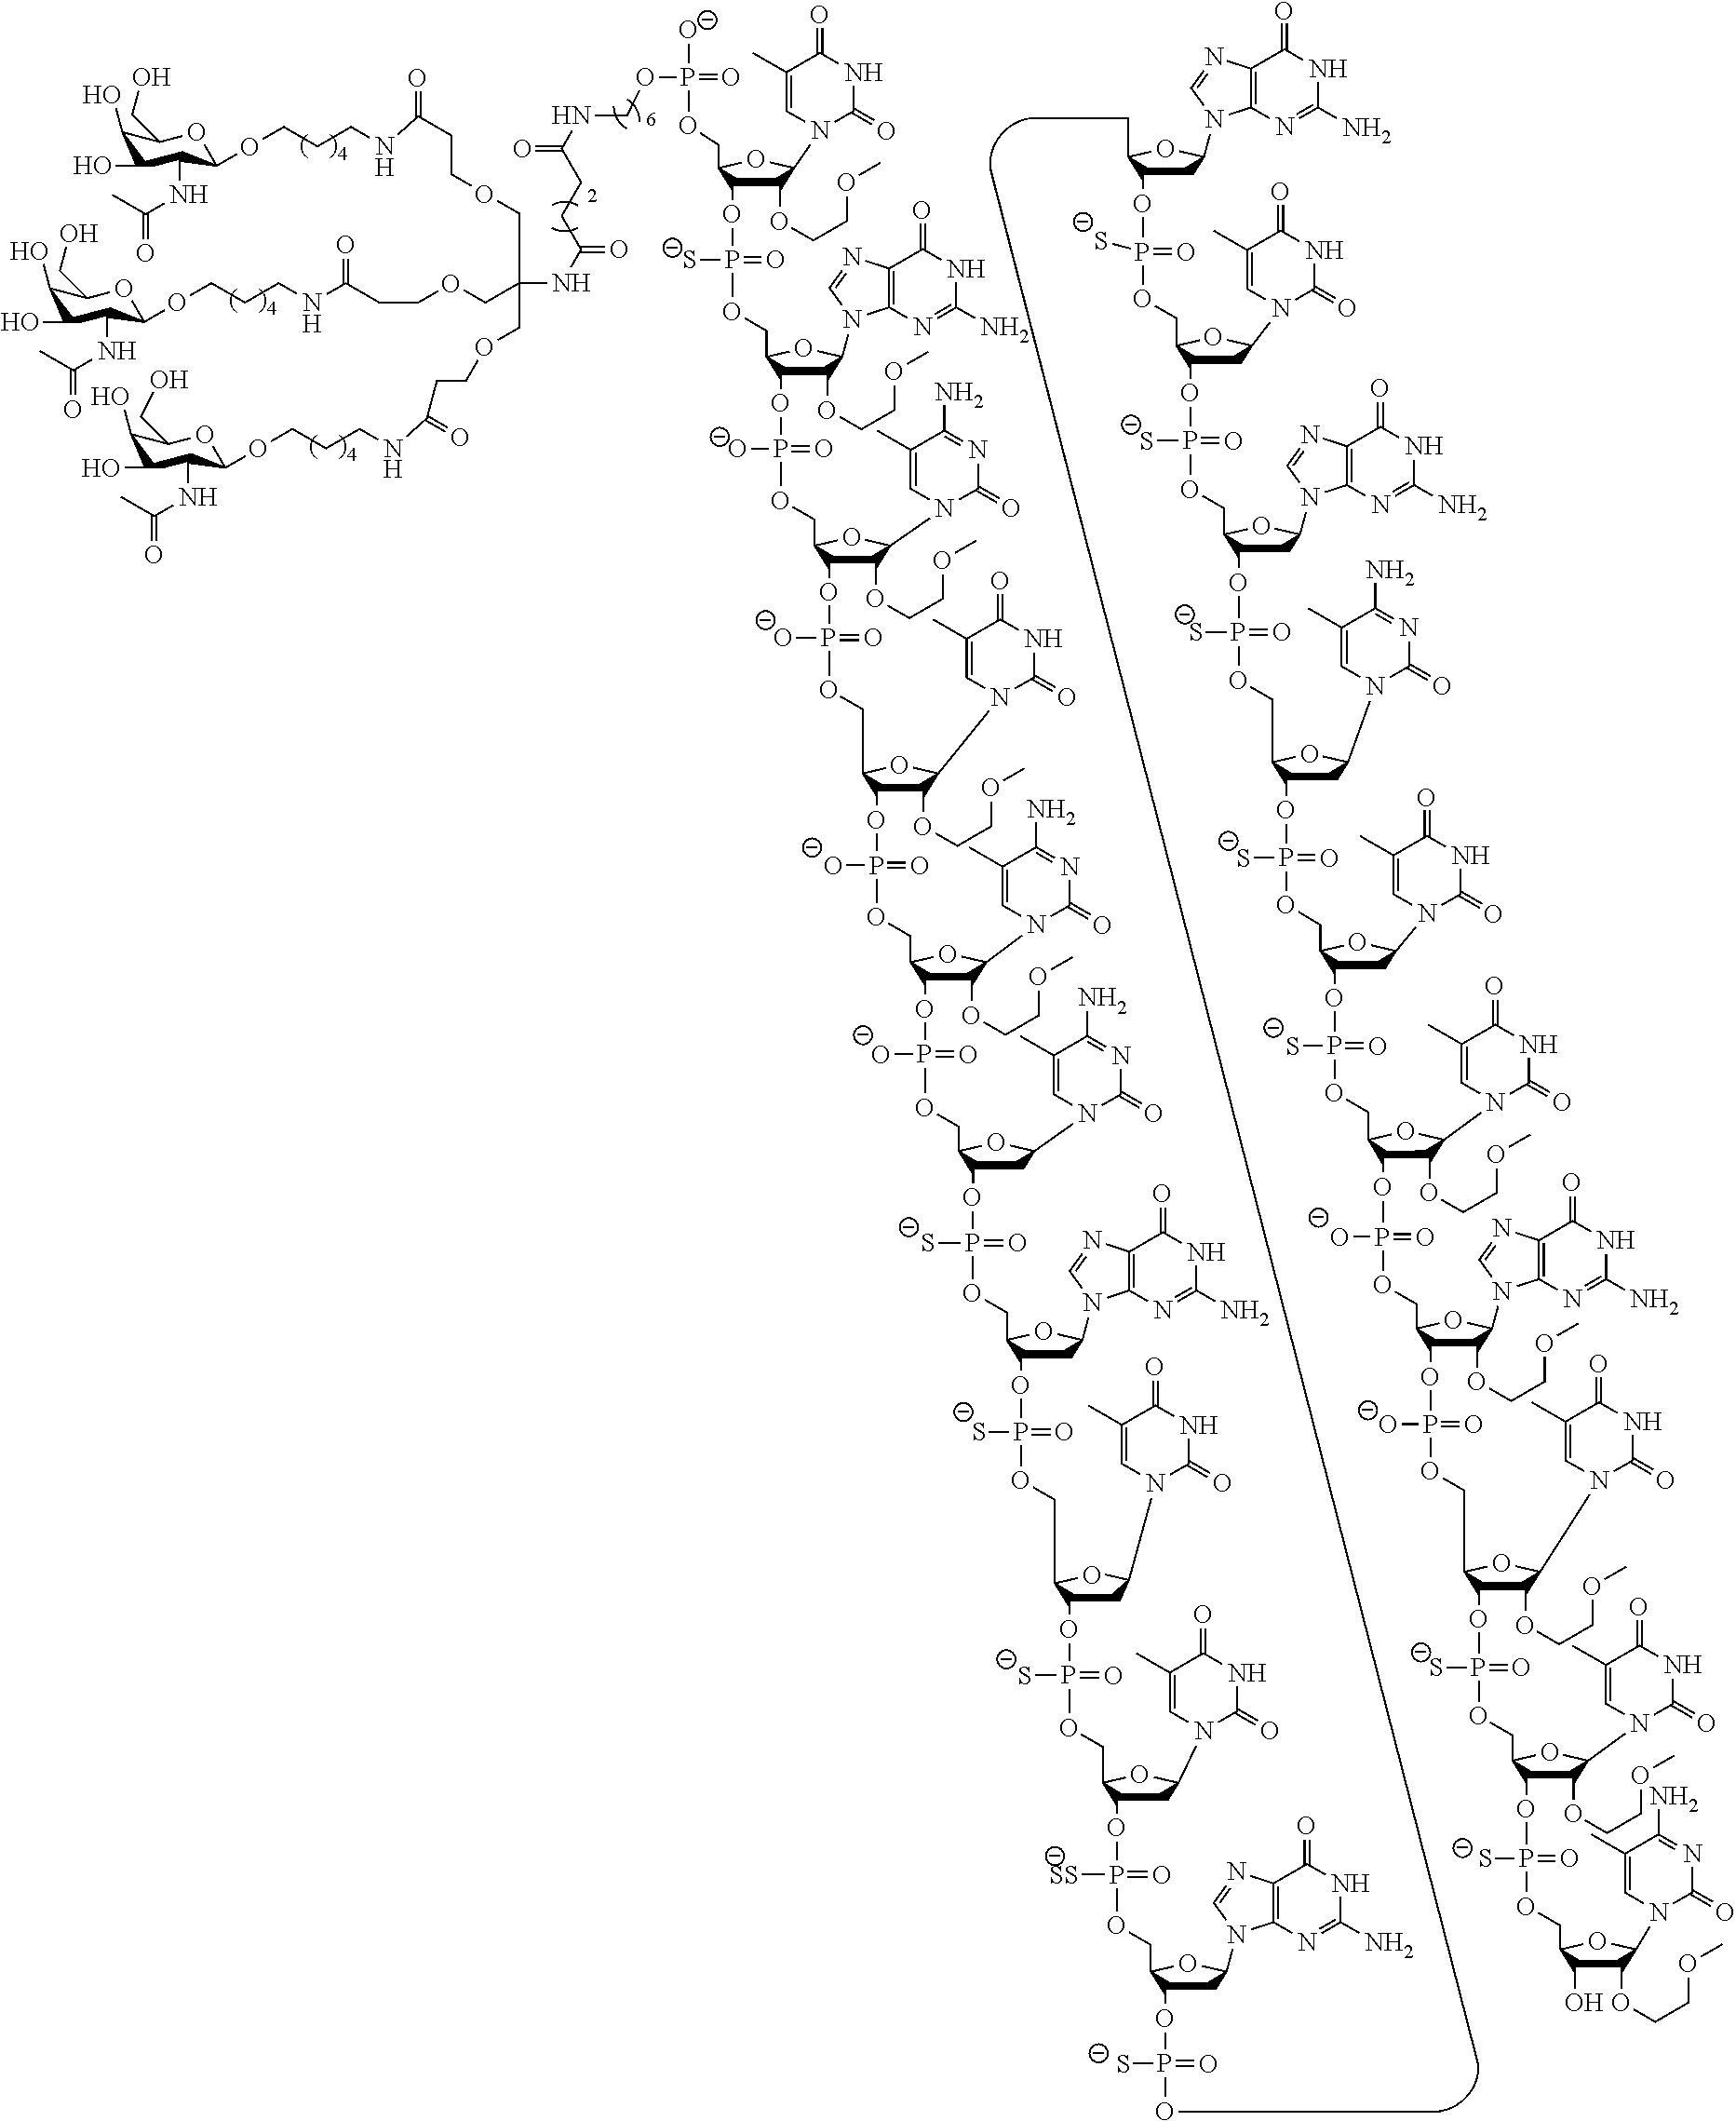 Figure US09957504-20180501-C00012